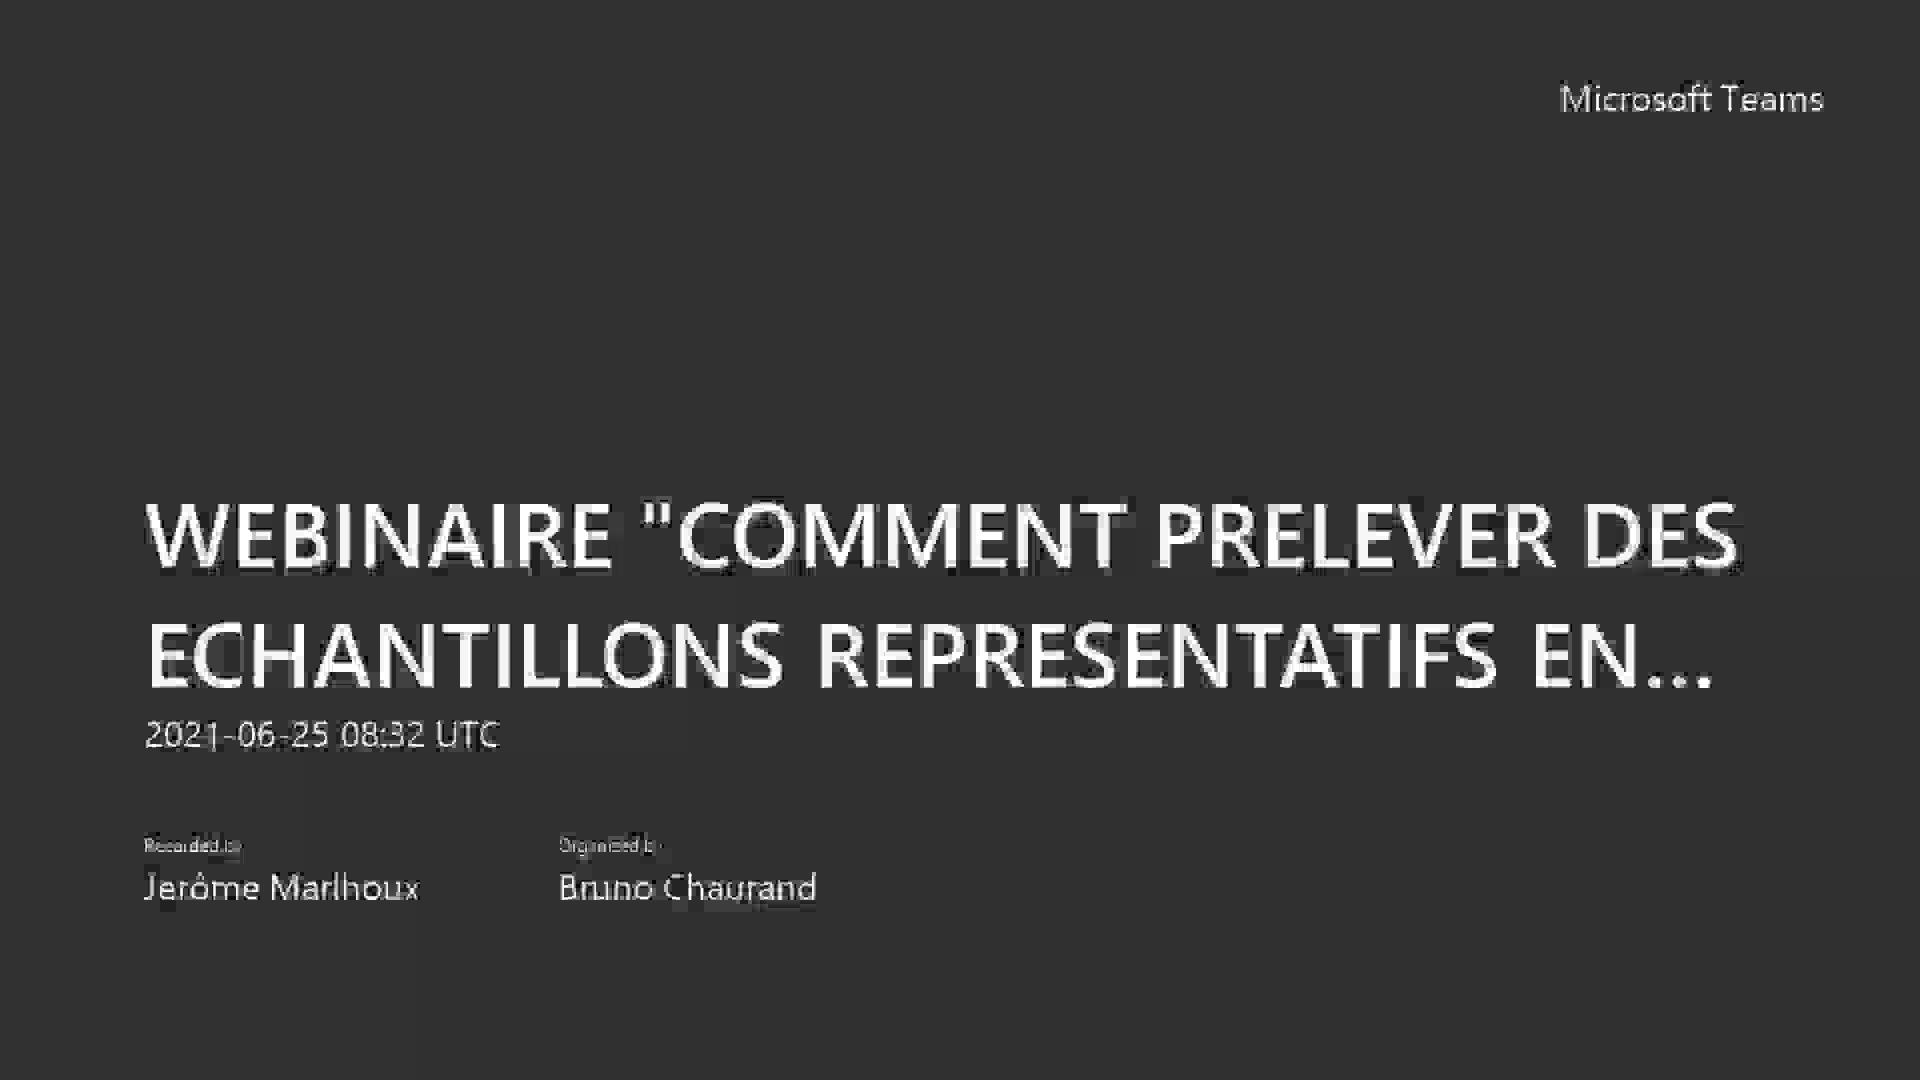 WEBINAIRE _COMMENT PRELEVER DES ECHANTILLONS REPRESENTATIFS EN TOUTE SECURITE  DANS UN ENVIRONNEMENT